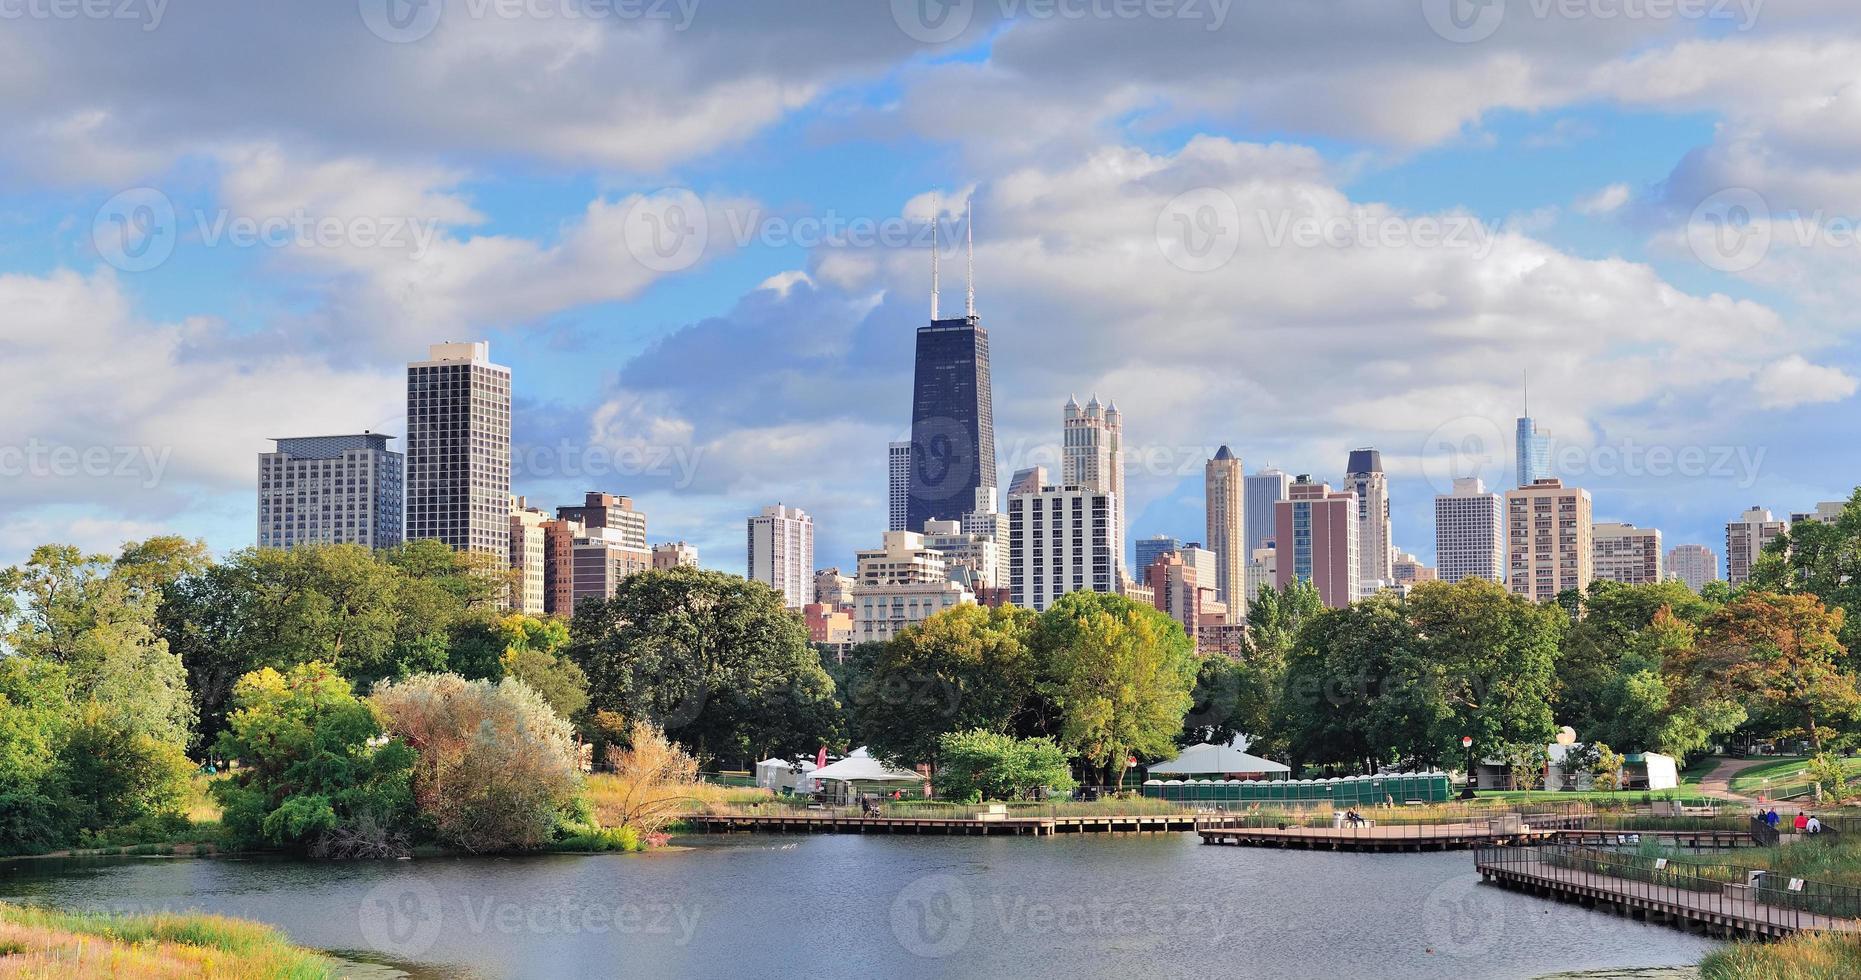 vue de longue distance de Chicago skyline photo